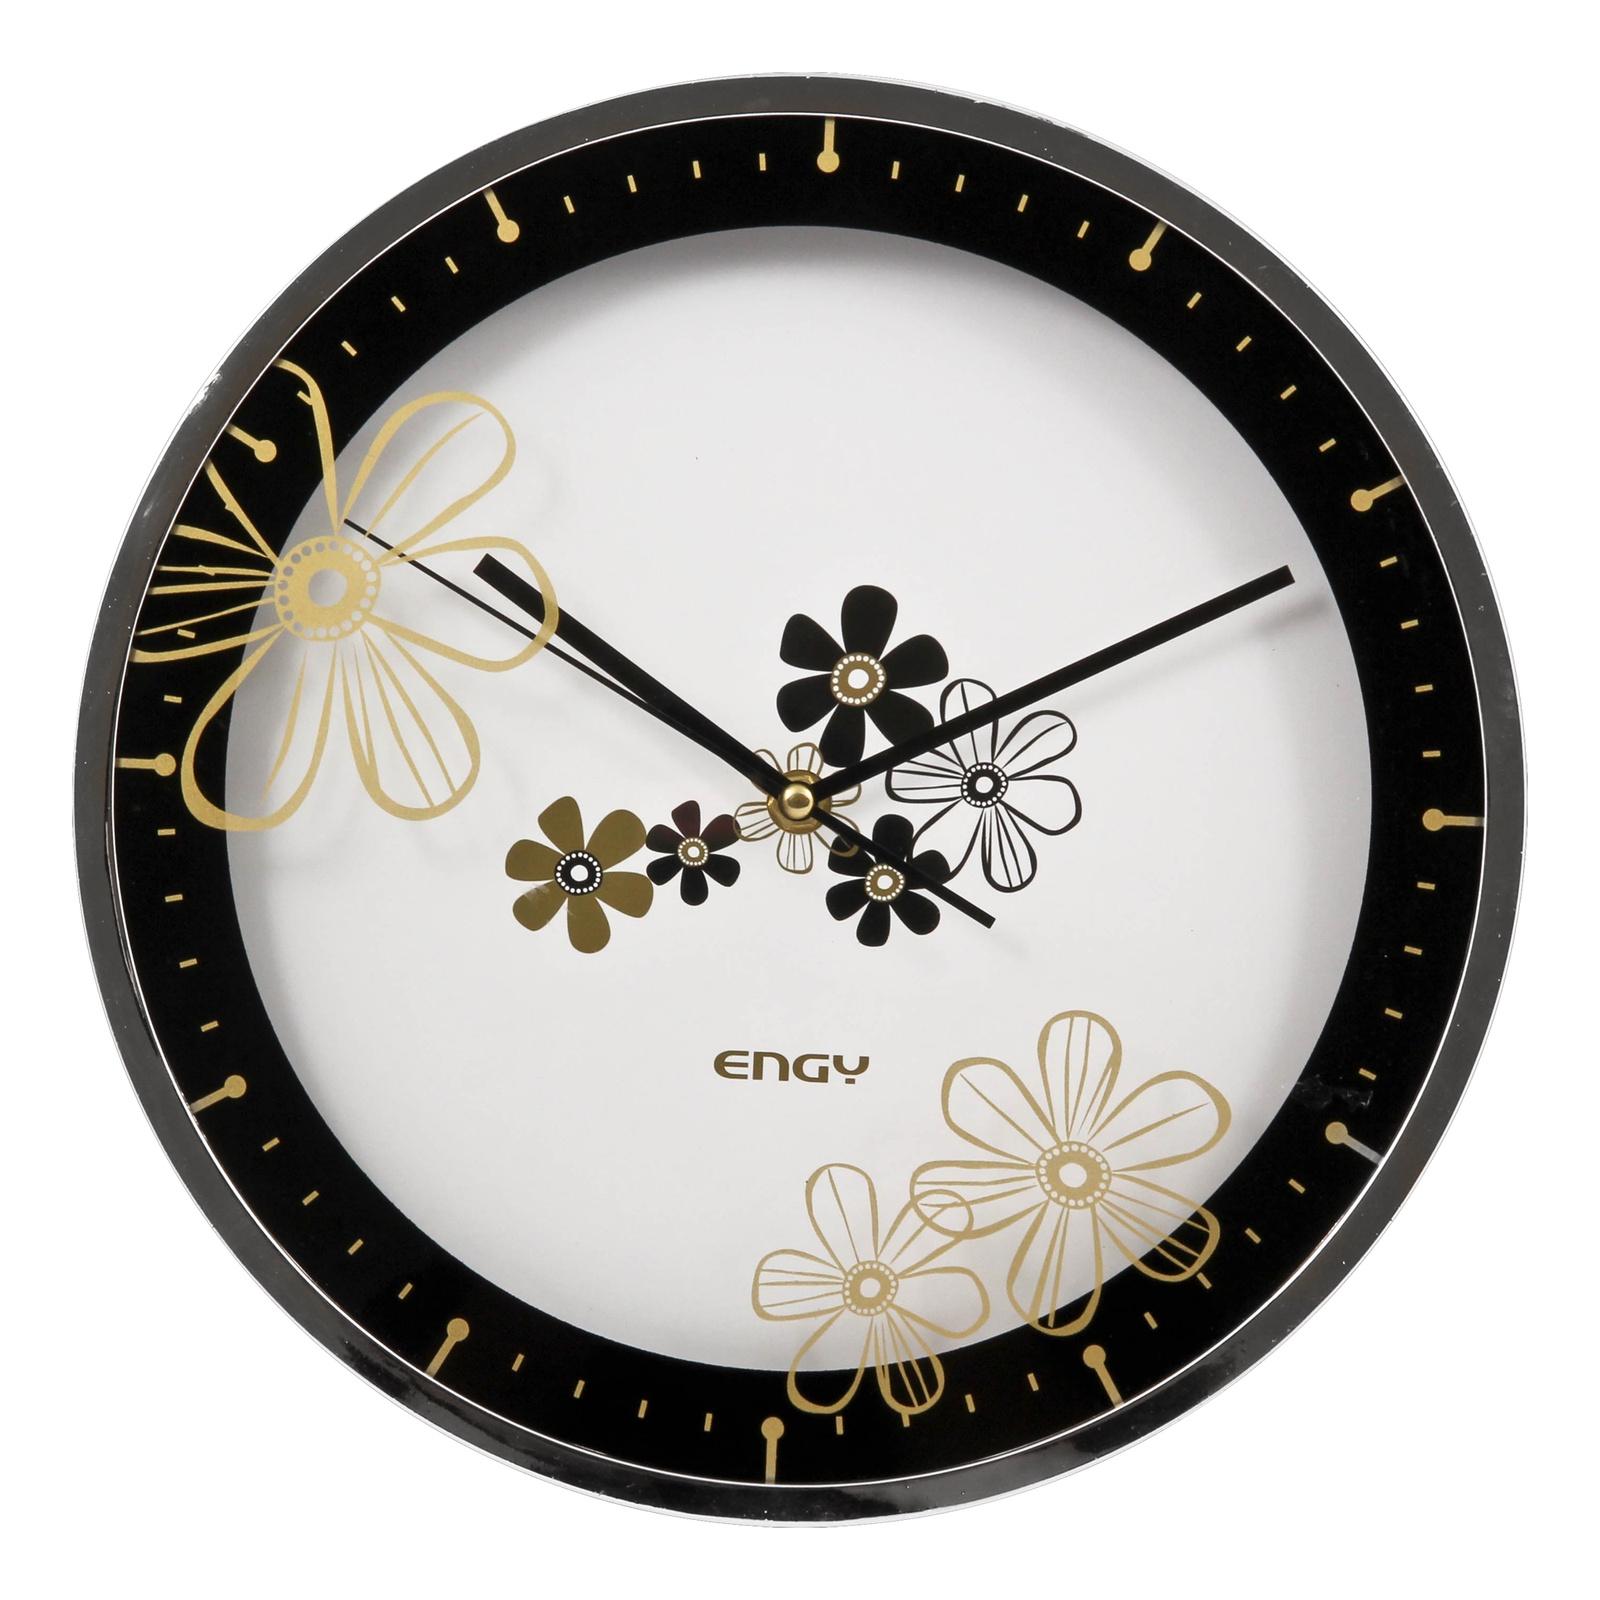 Настенные часы ENGY ЕС-24 круглые, 54 009324 часы настенные engy d300мм